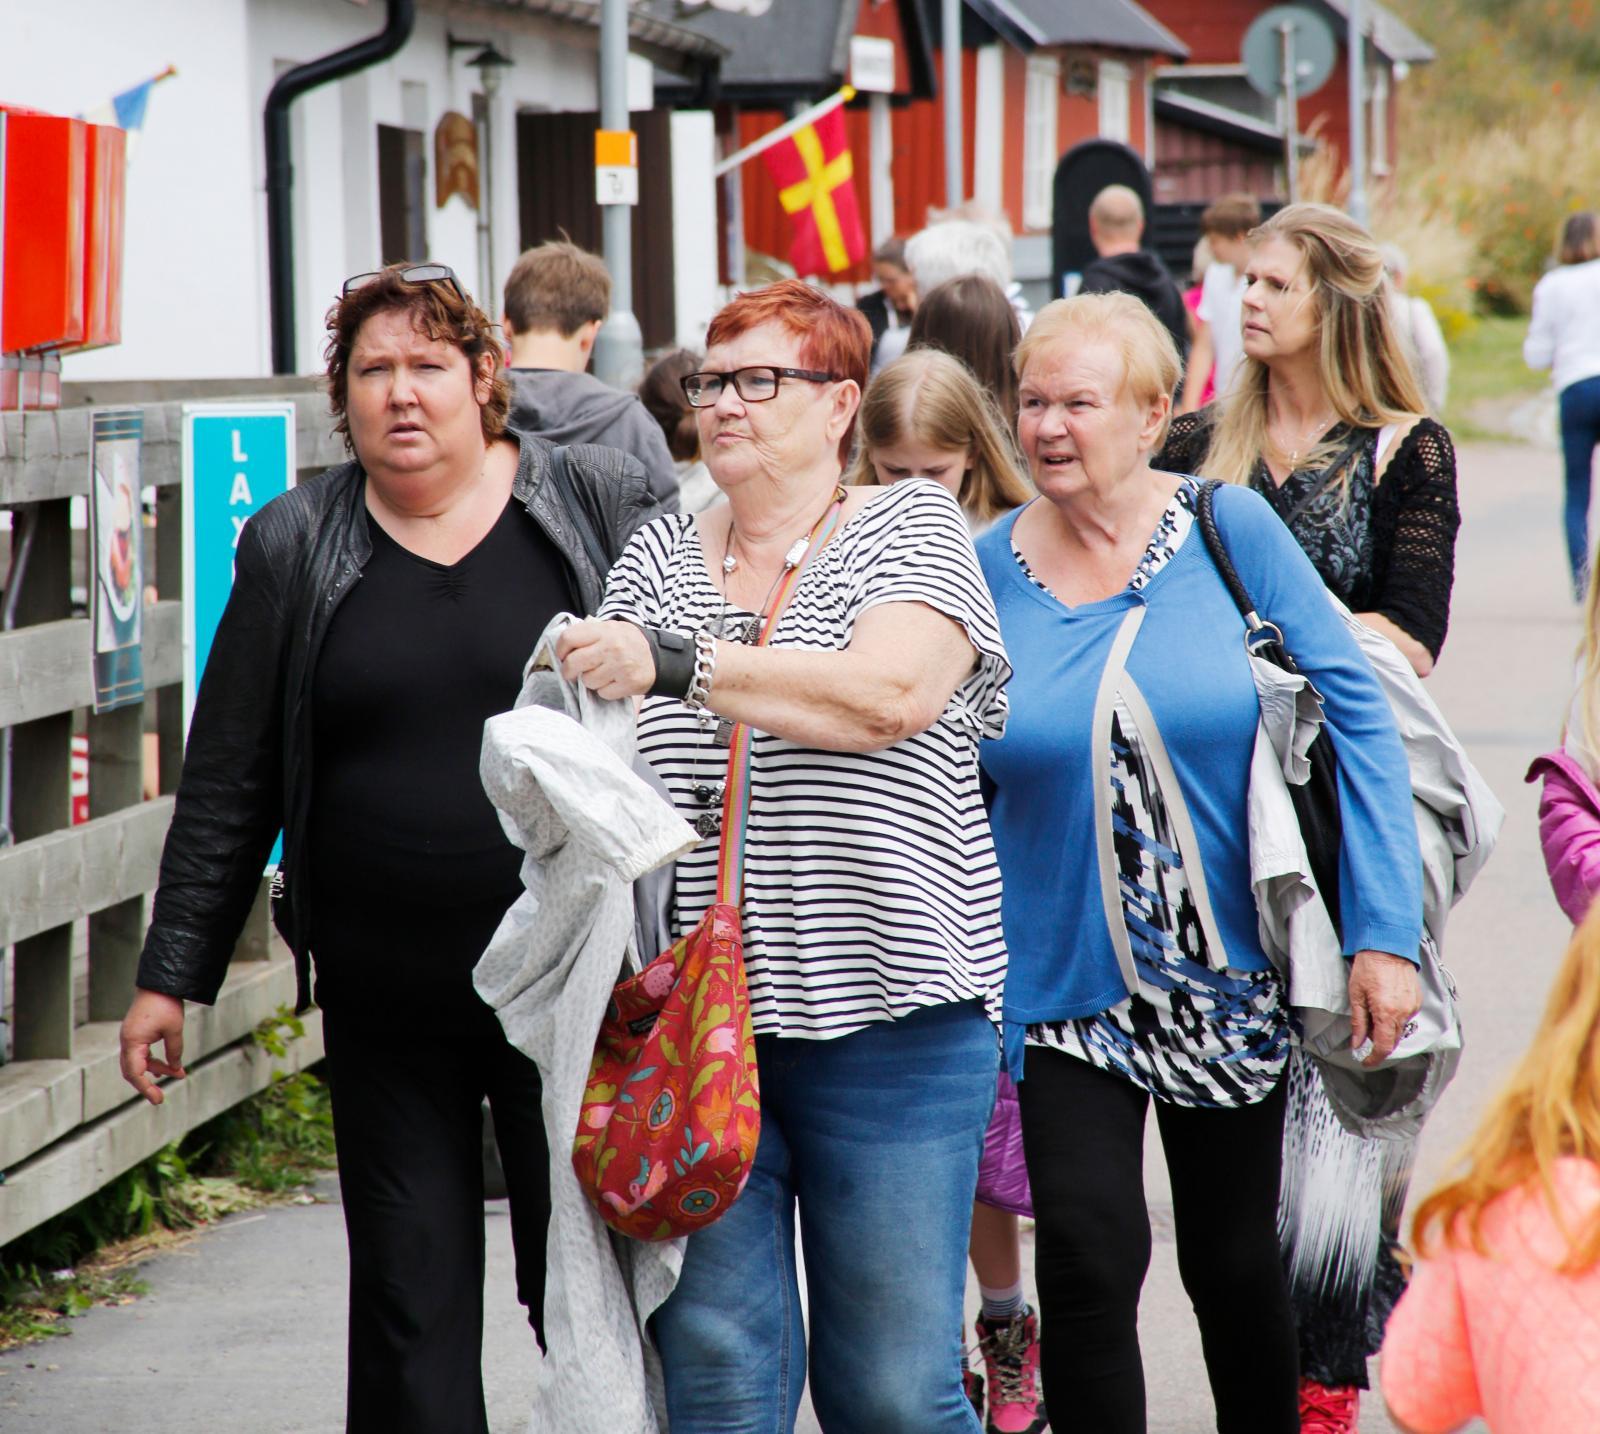 Mängder med besökare i Kåseberga. Varje år kommer en bra bit över en halv miljon besökare till Ales Stenar.